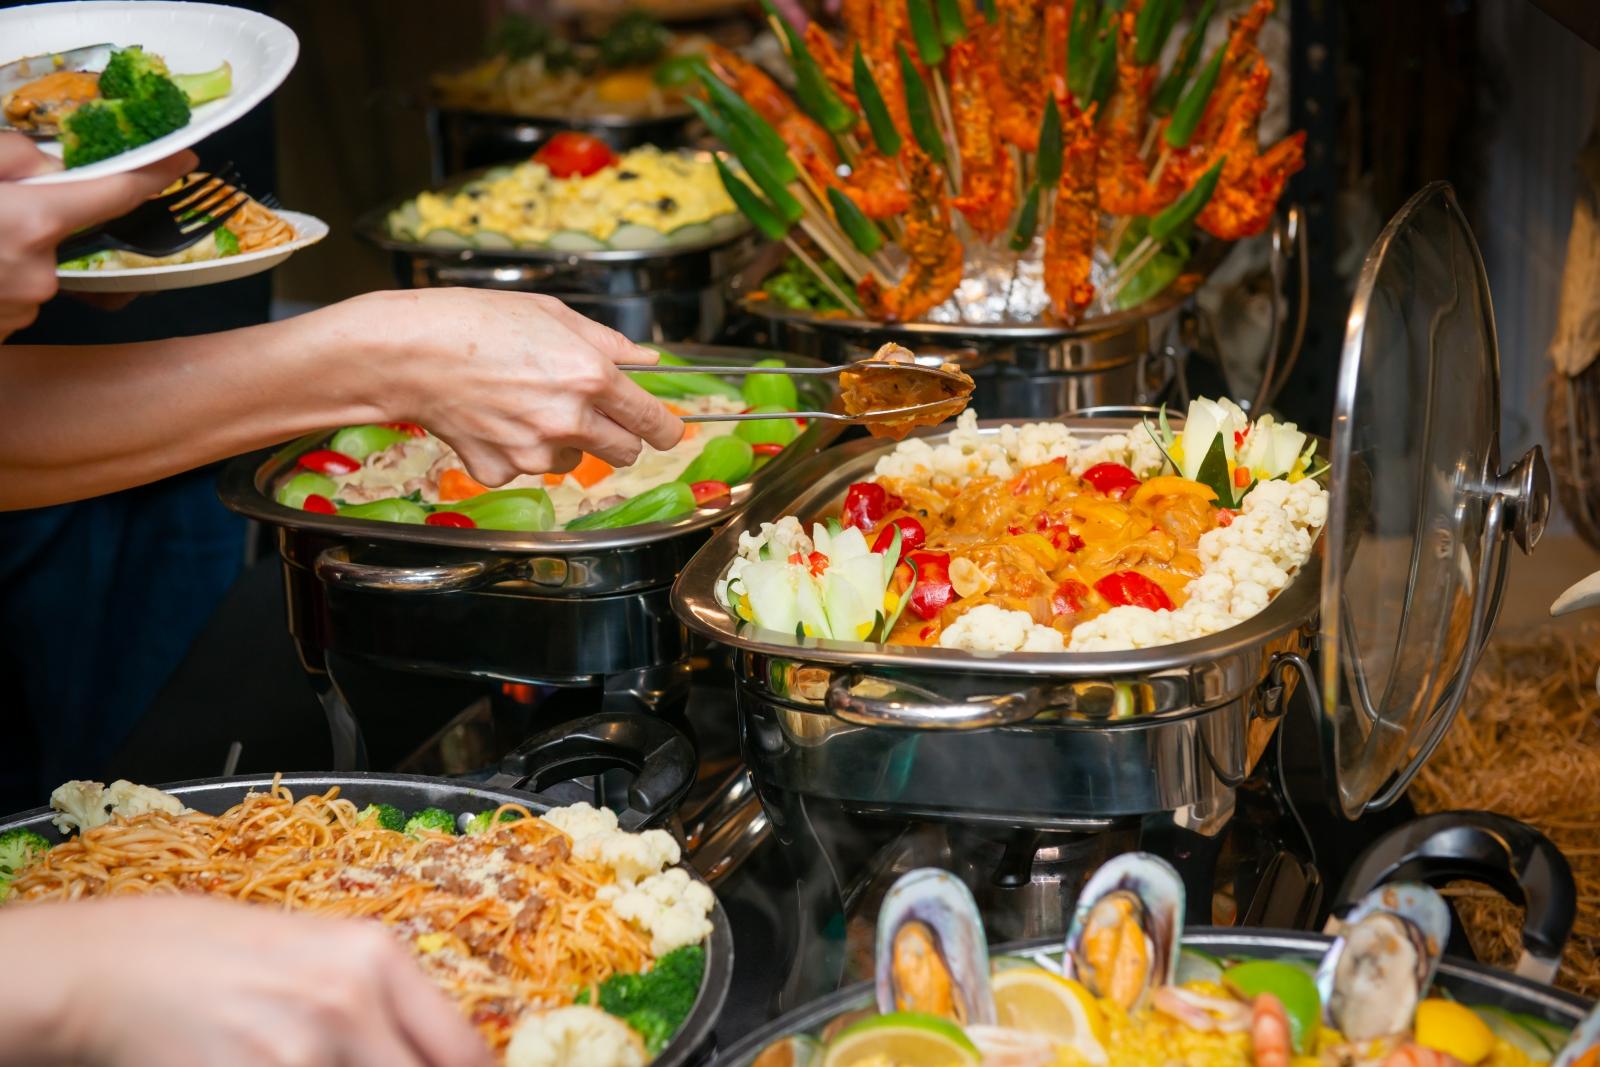 風靡全球的霹靂辣醬就在法國當代BBR~一瓶搞定所有料理。外燴專門餐廳、精品等級客製化外燴服務、時尚派對餐點、PeriPeri霹靂辣醬烤雞